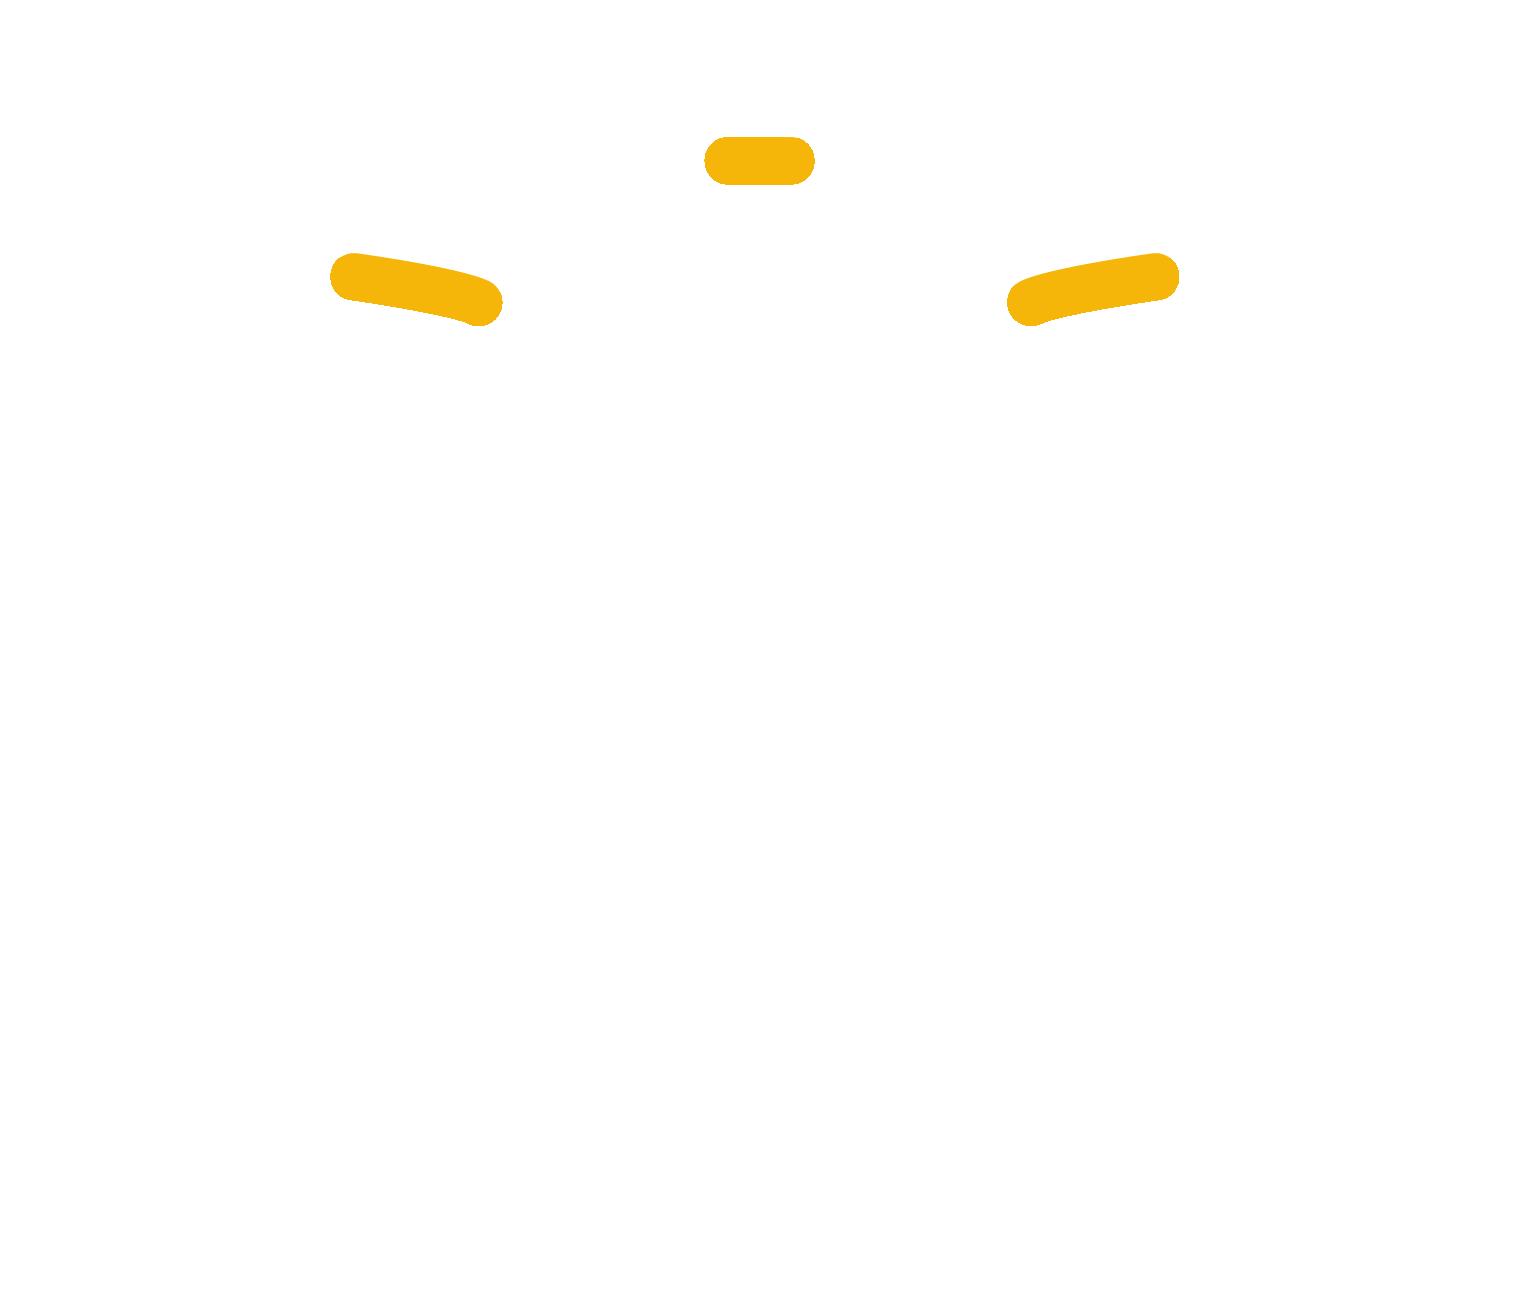 icondrone10